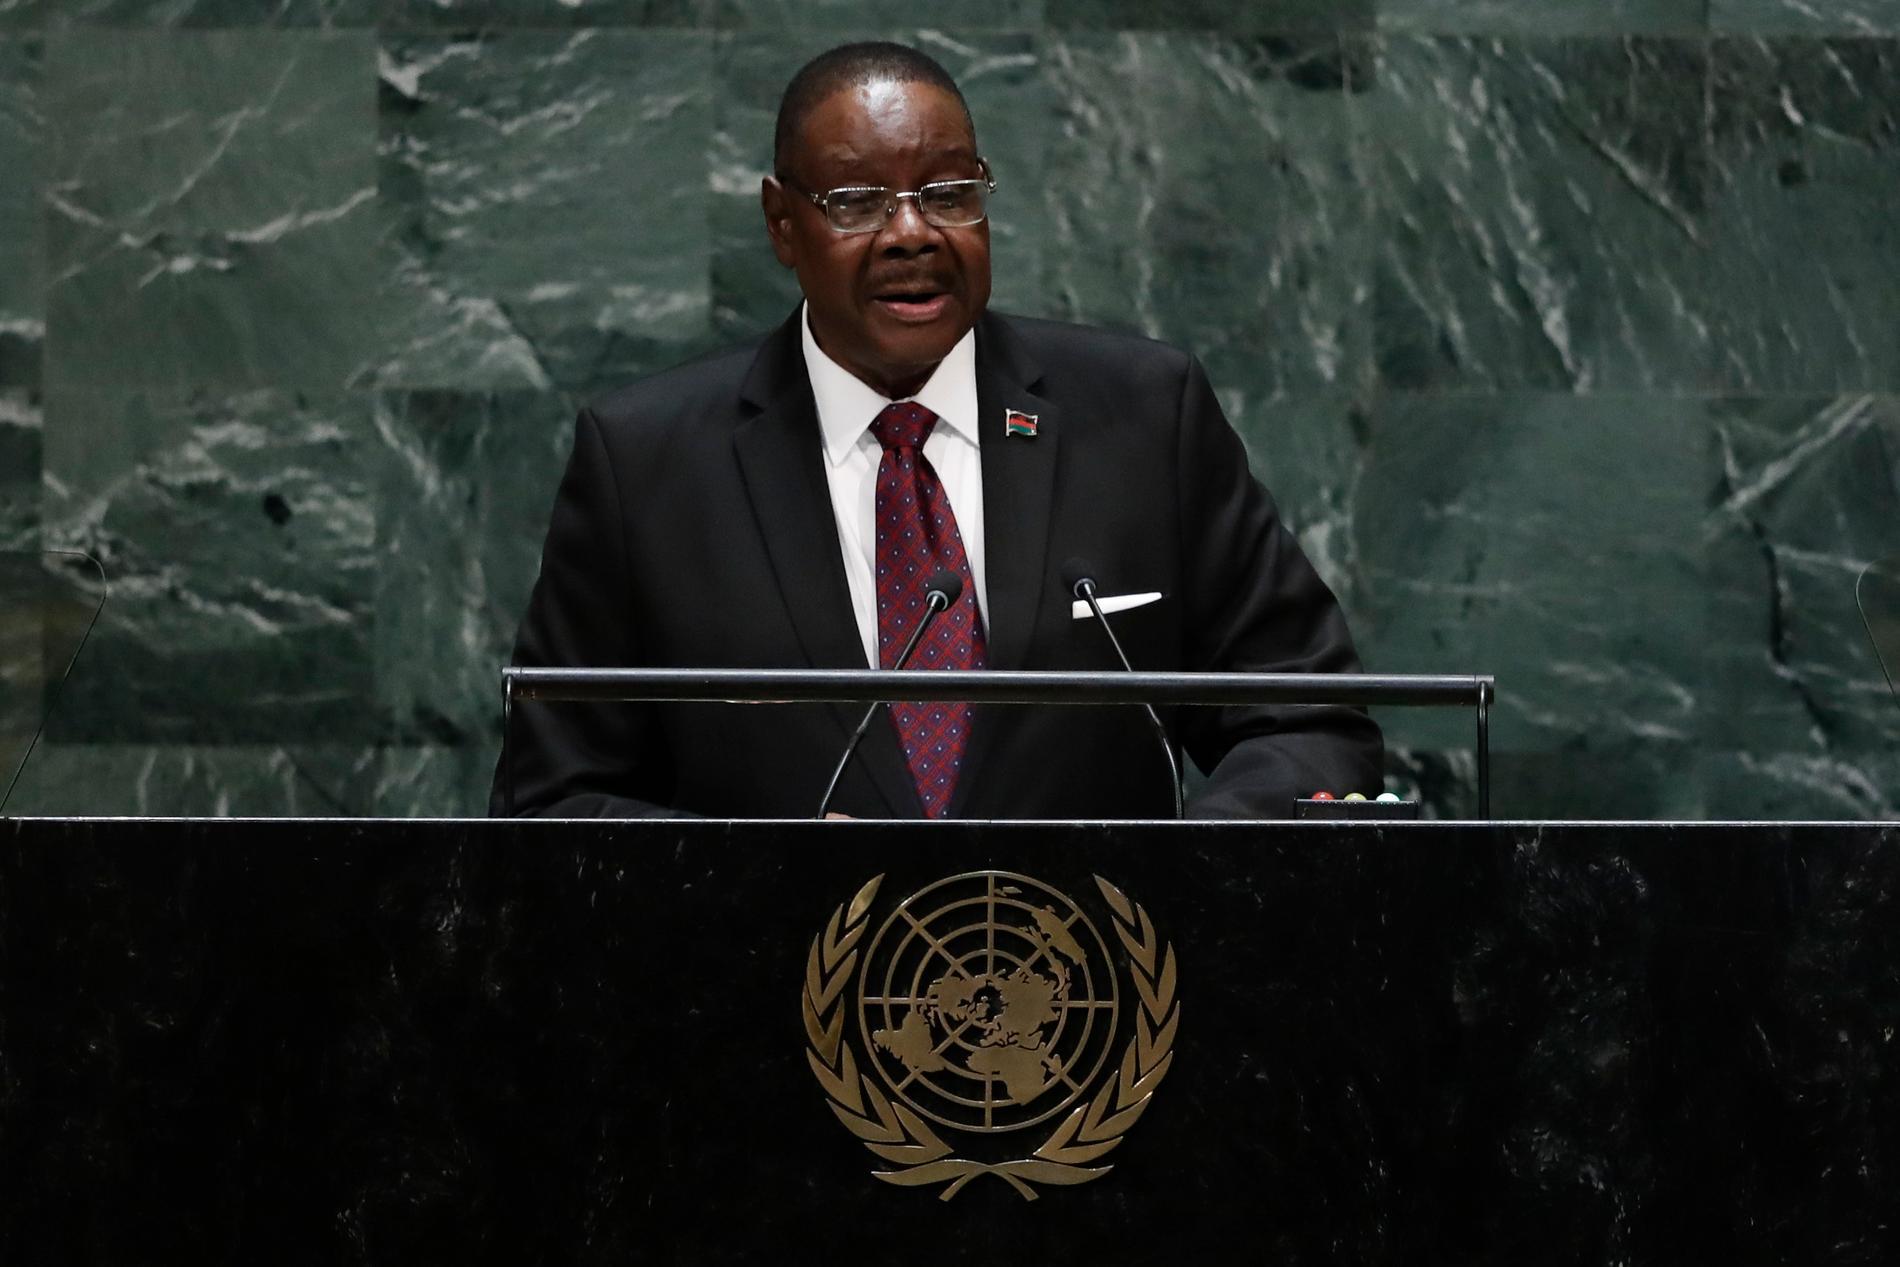 Malawis president Peter Mutharika får en andra chans att bli återvald.